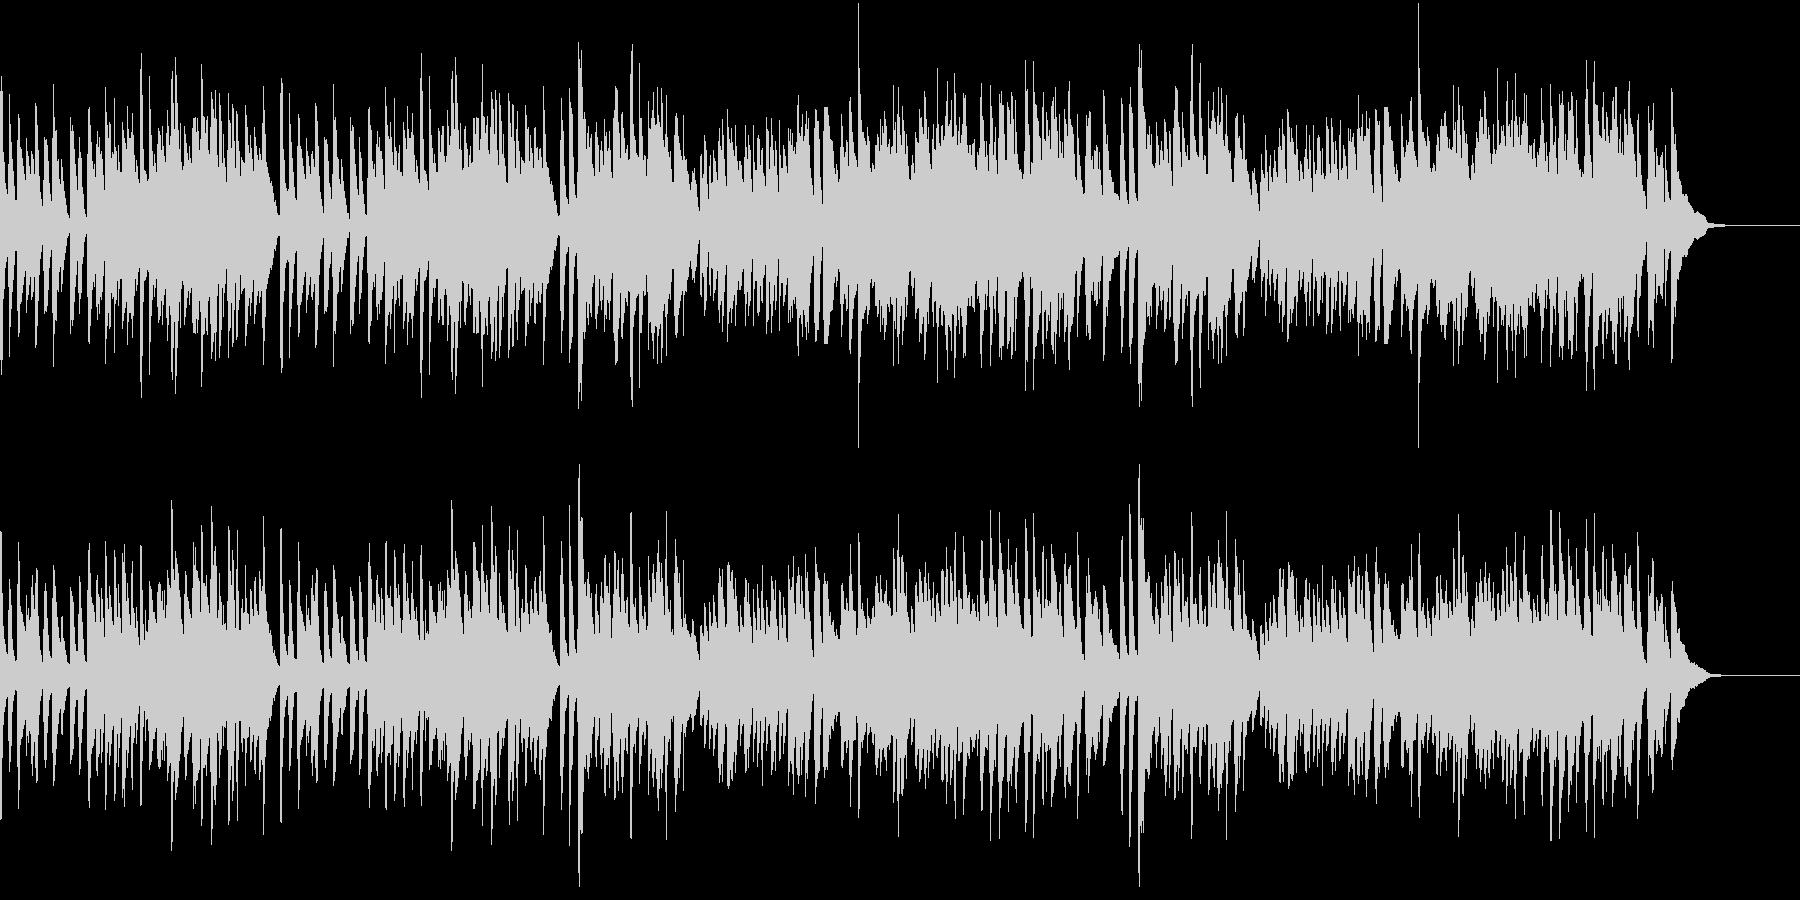 ガボット フランス組曲 バッハ ピアノの未再生の波形